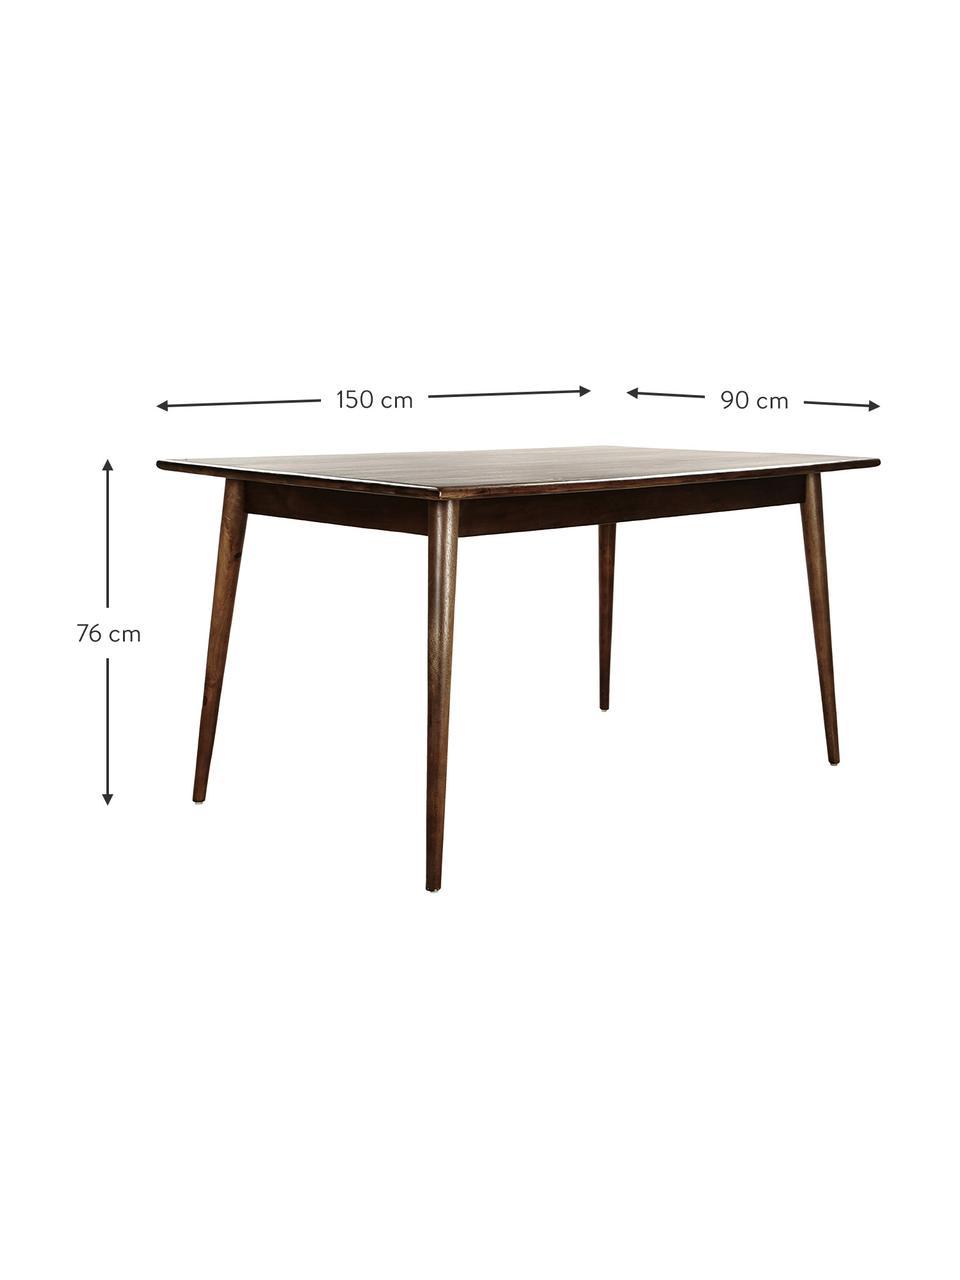 Stół do jadalni z blatem z litego drewna Oscar, Lite drewno mangowe, lakierowane, Ciemnybrązowy, S 180 x G 90 cm